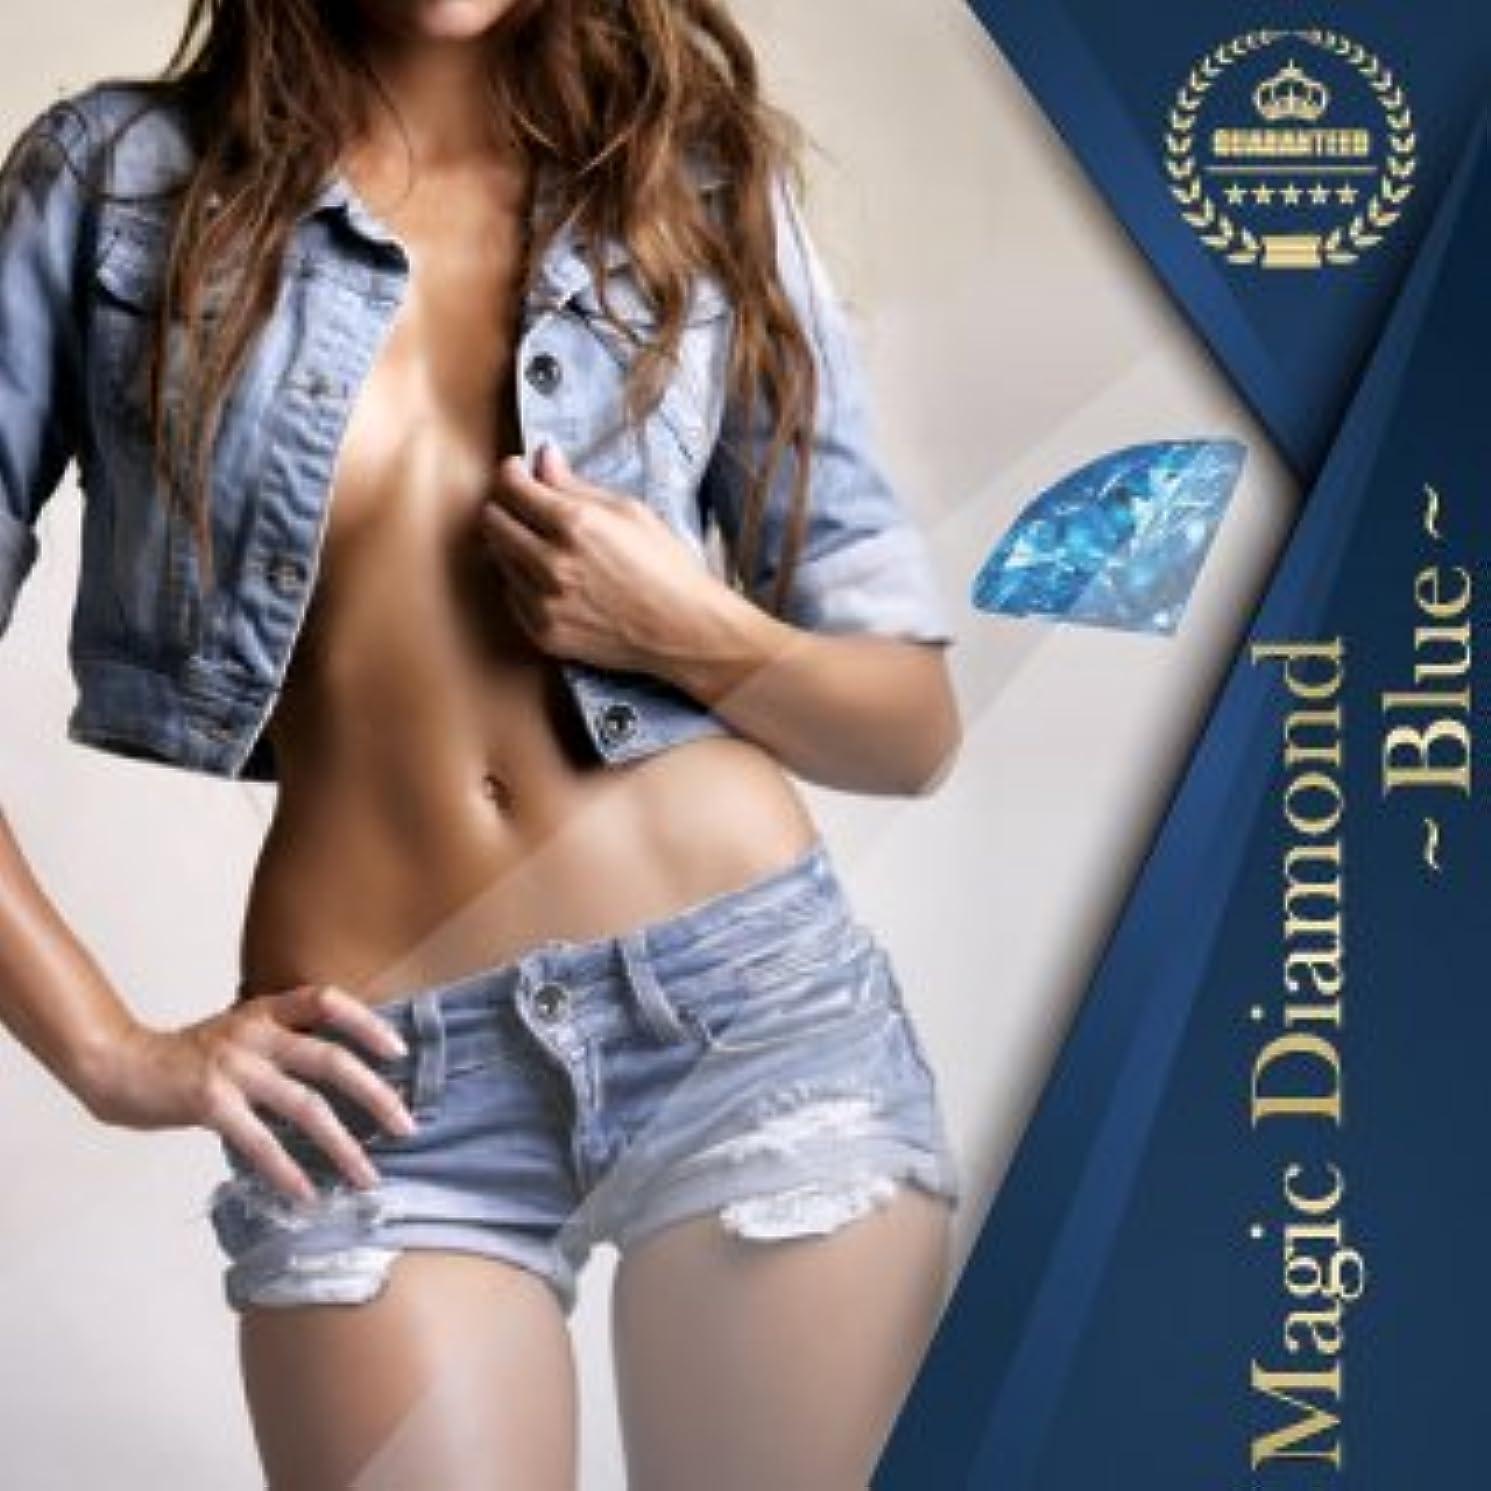 洞察力証拠スタジアムMagic Diamond Blue マジックダイアモンドブルー 3個セット